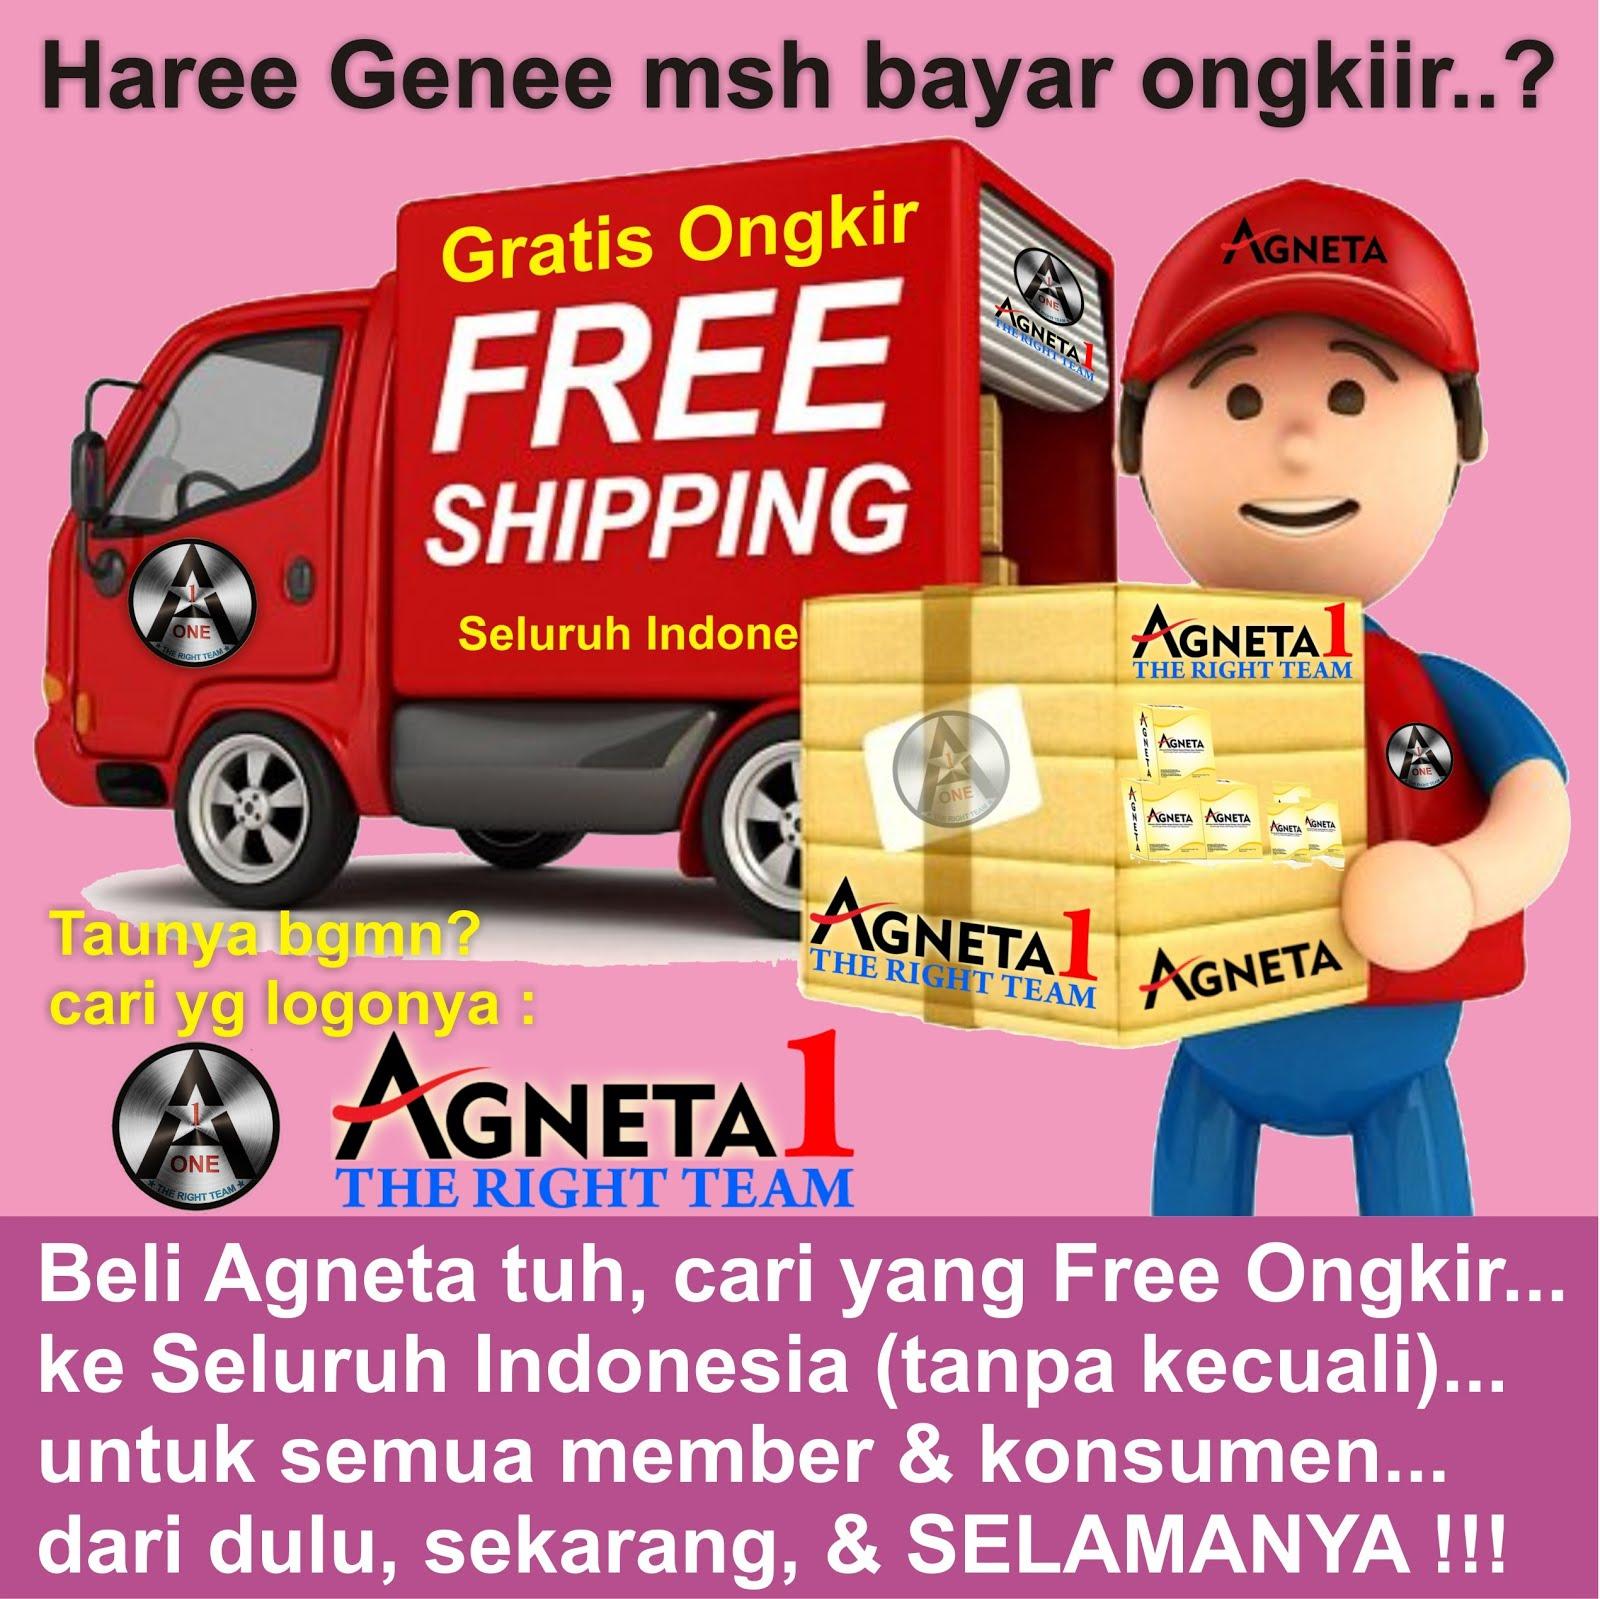 Beli Agneta Gratis Ongkir Seluruh Indonesia